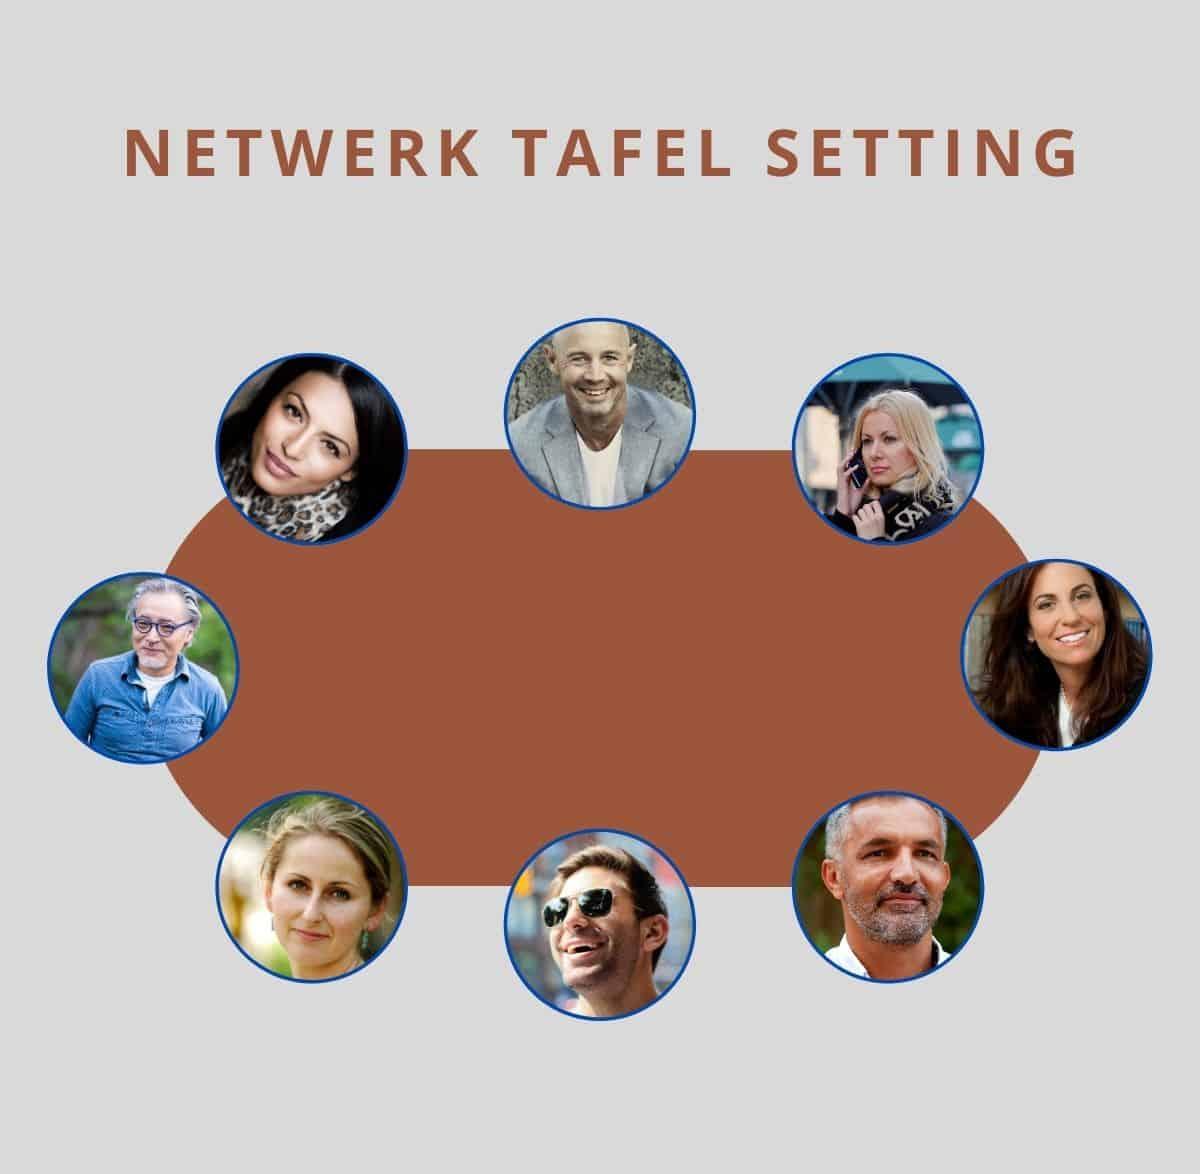 Een netwerktafel setting tijdens een online congres of symposium. Aan tafel met nieuwe toekomstige businesspartners